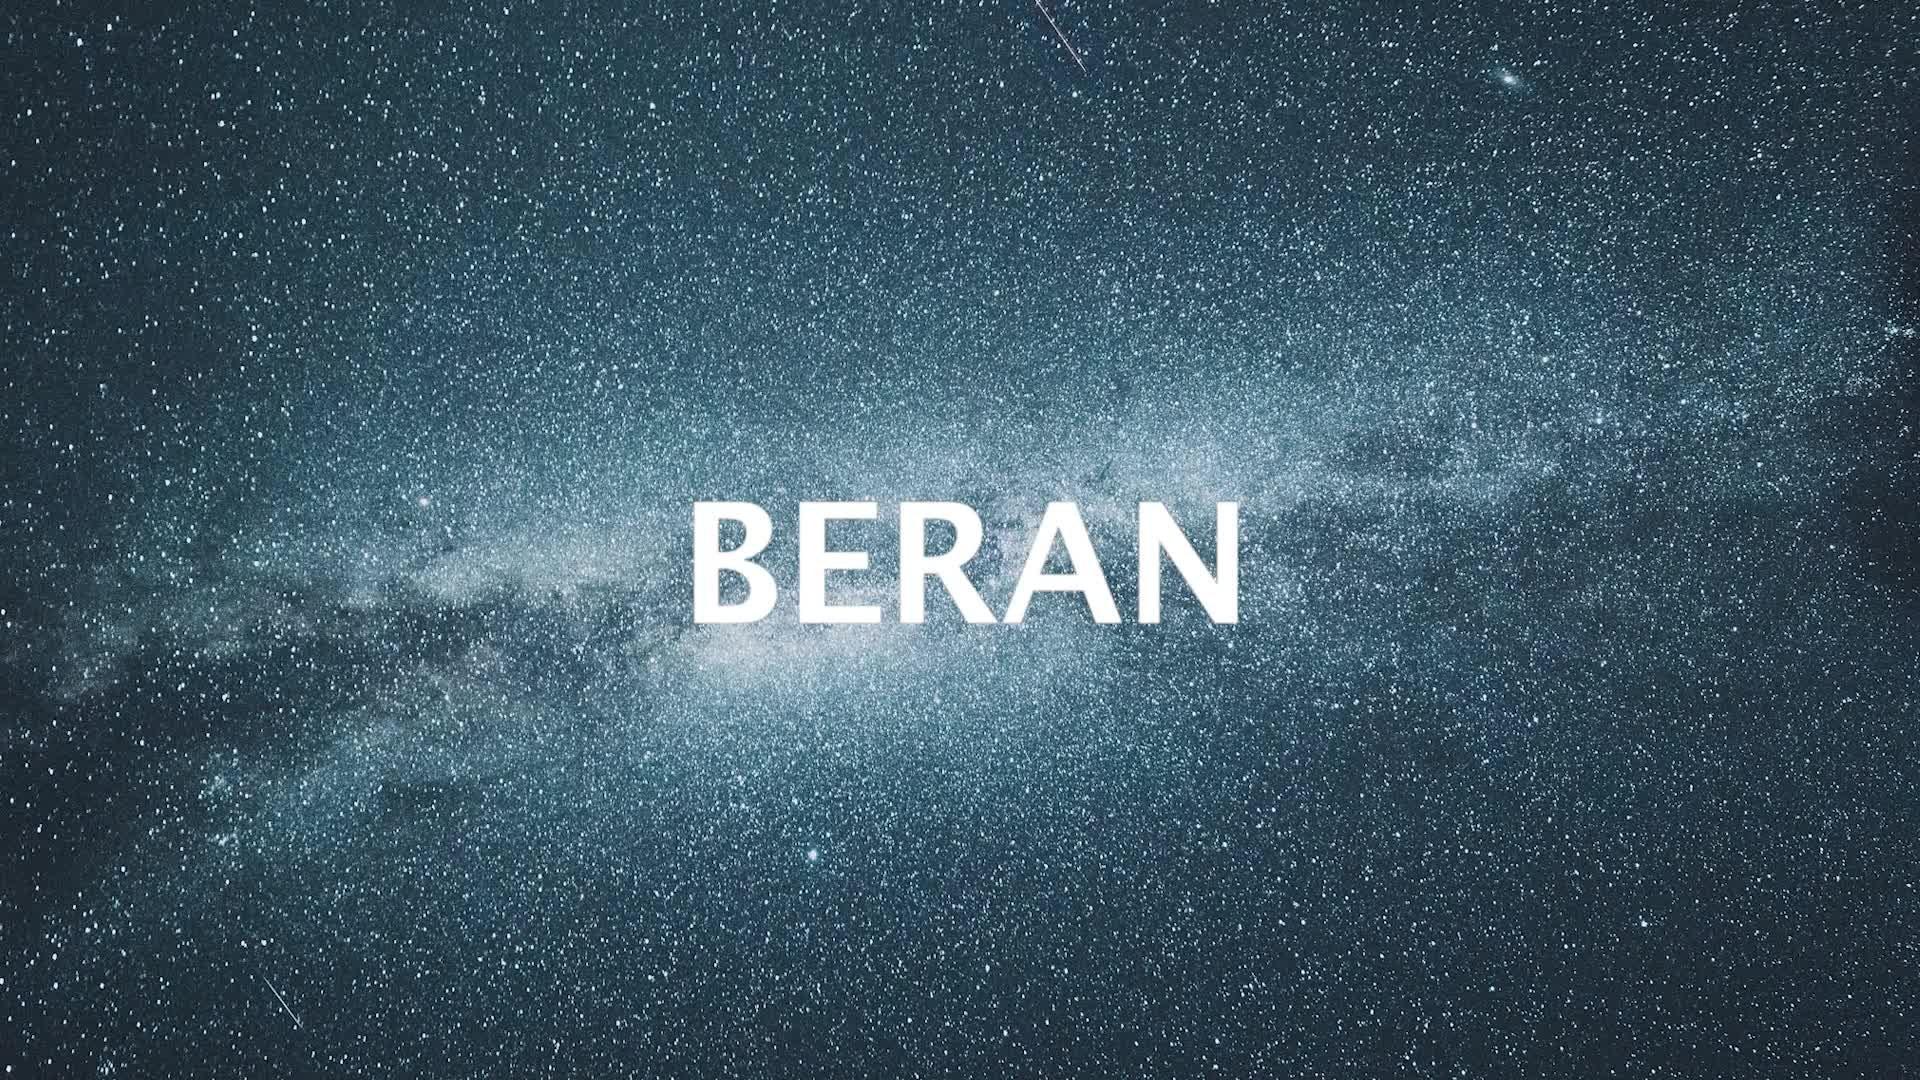 Astroložka Boháčová: Obecná charakteristika znamení - Beran